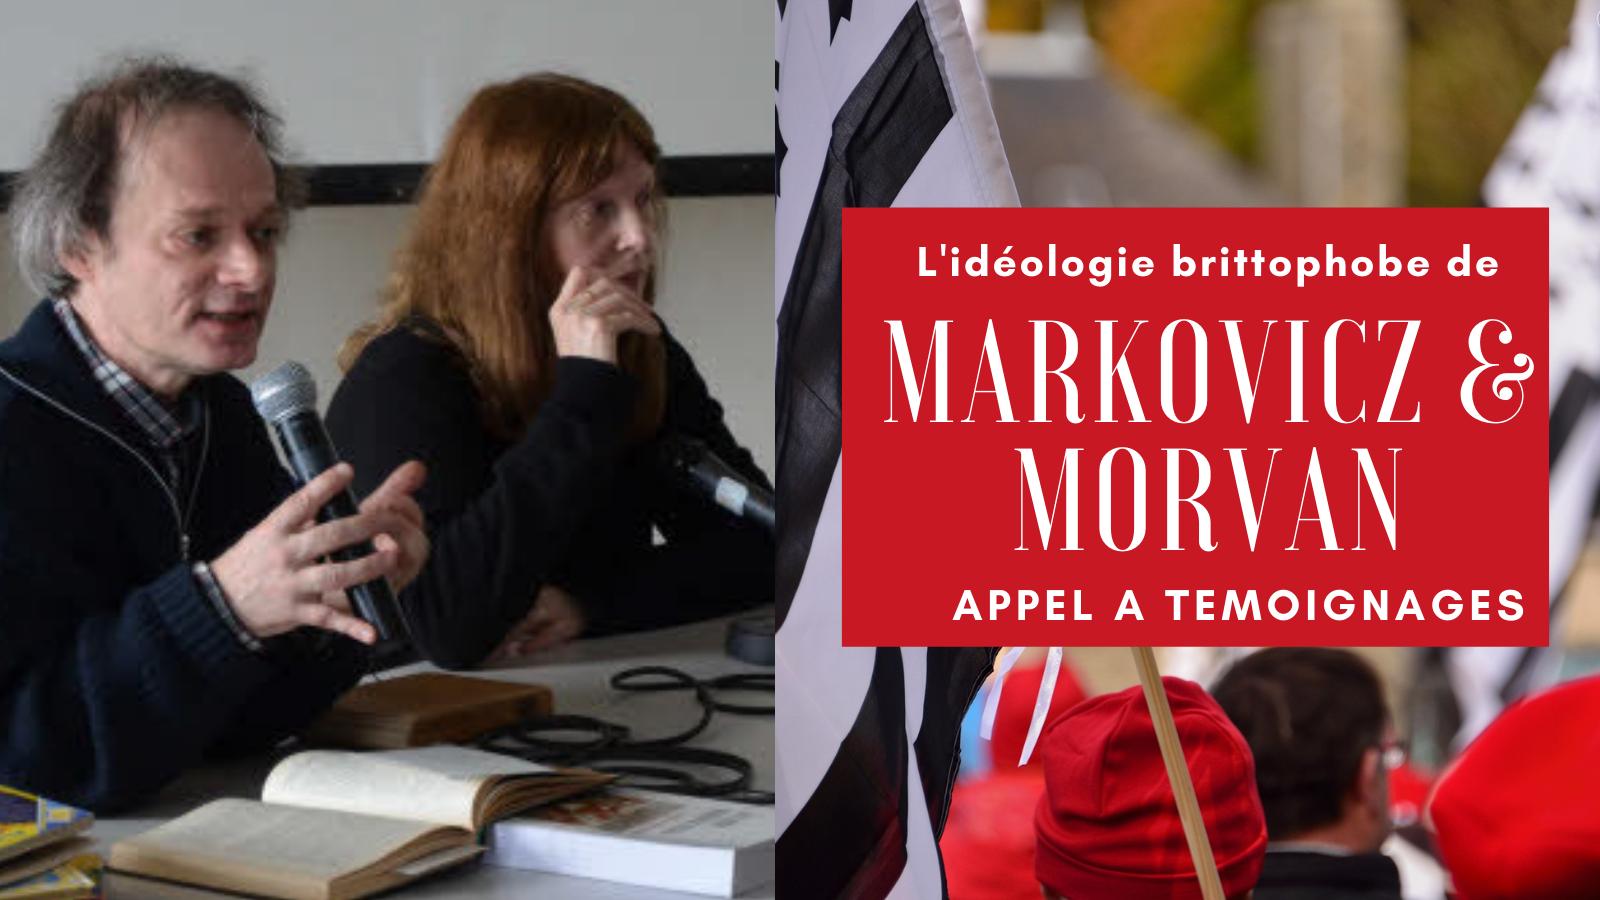 André Markowicz et Françoise Morvan demande d'information Twitter - Affaire Hélène Roudier de Lara